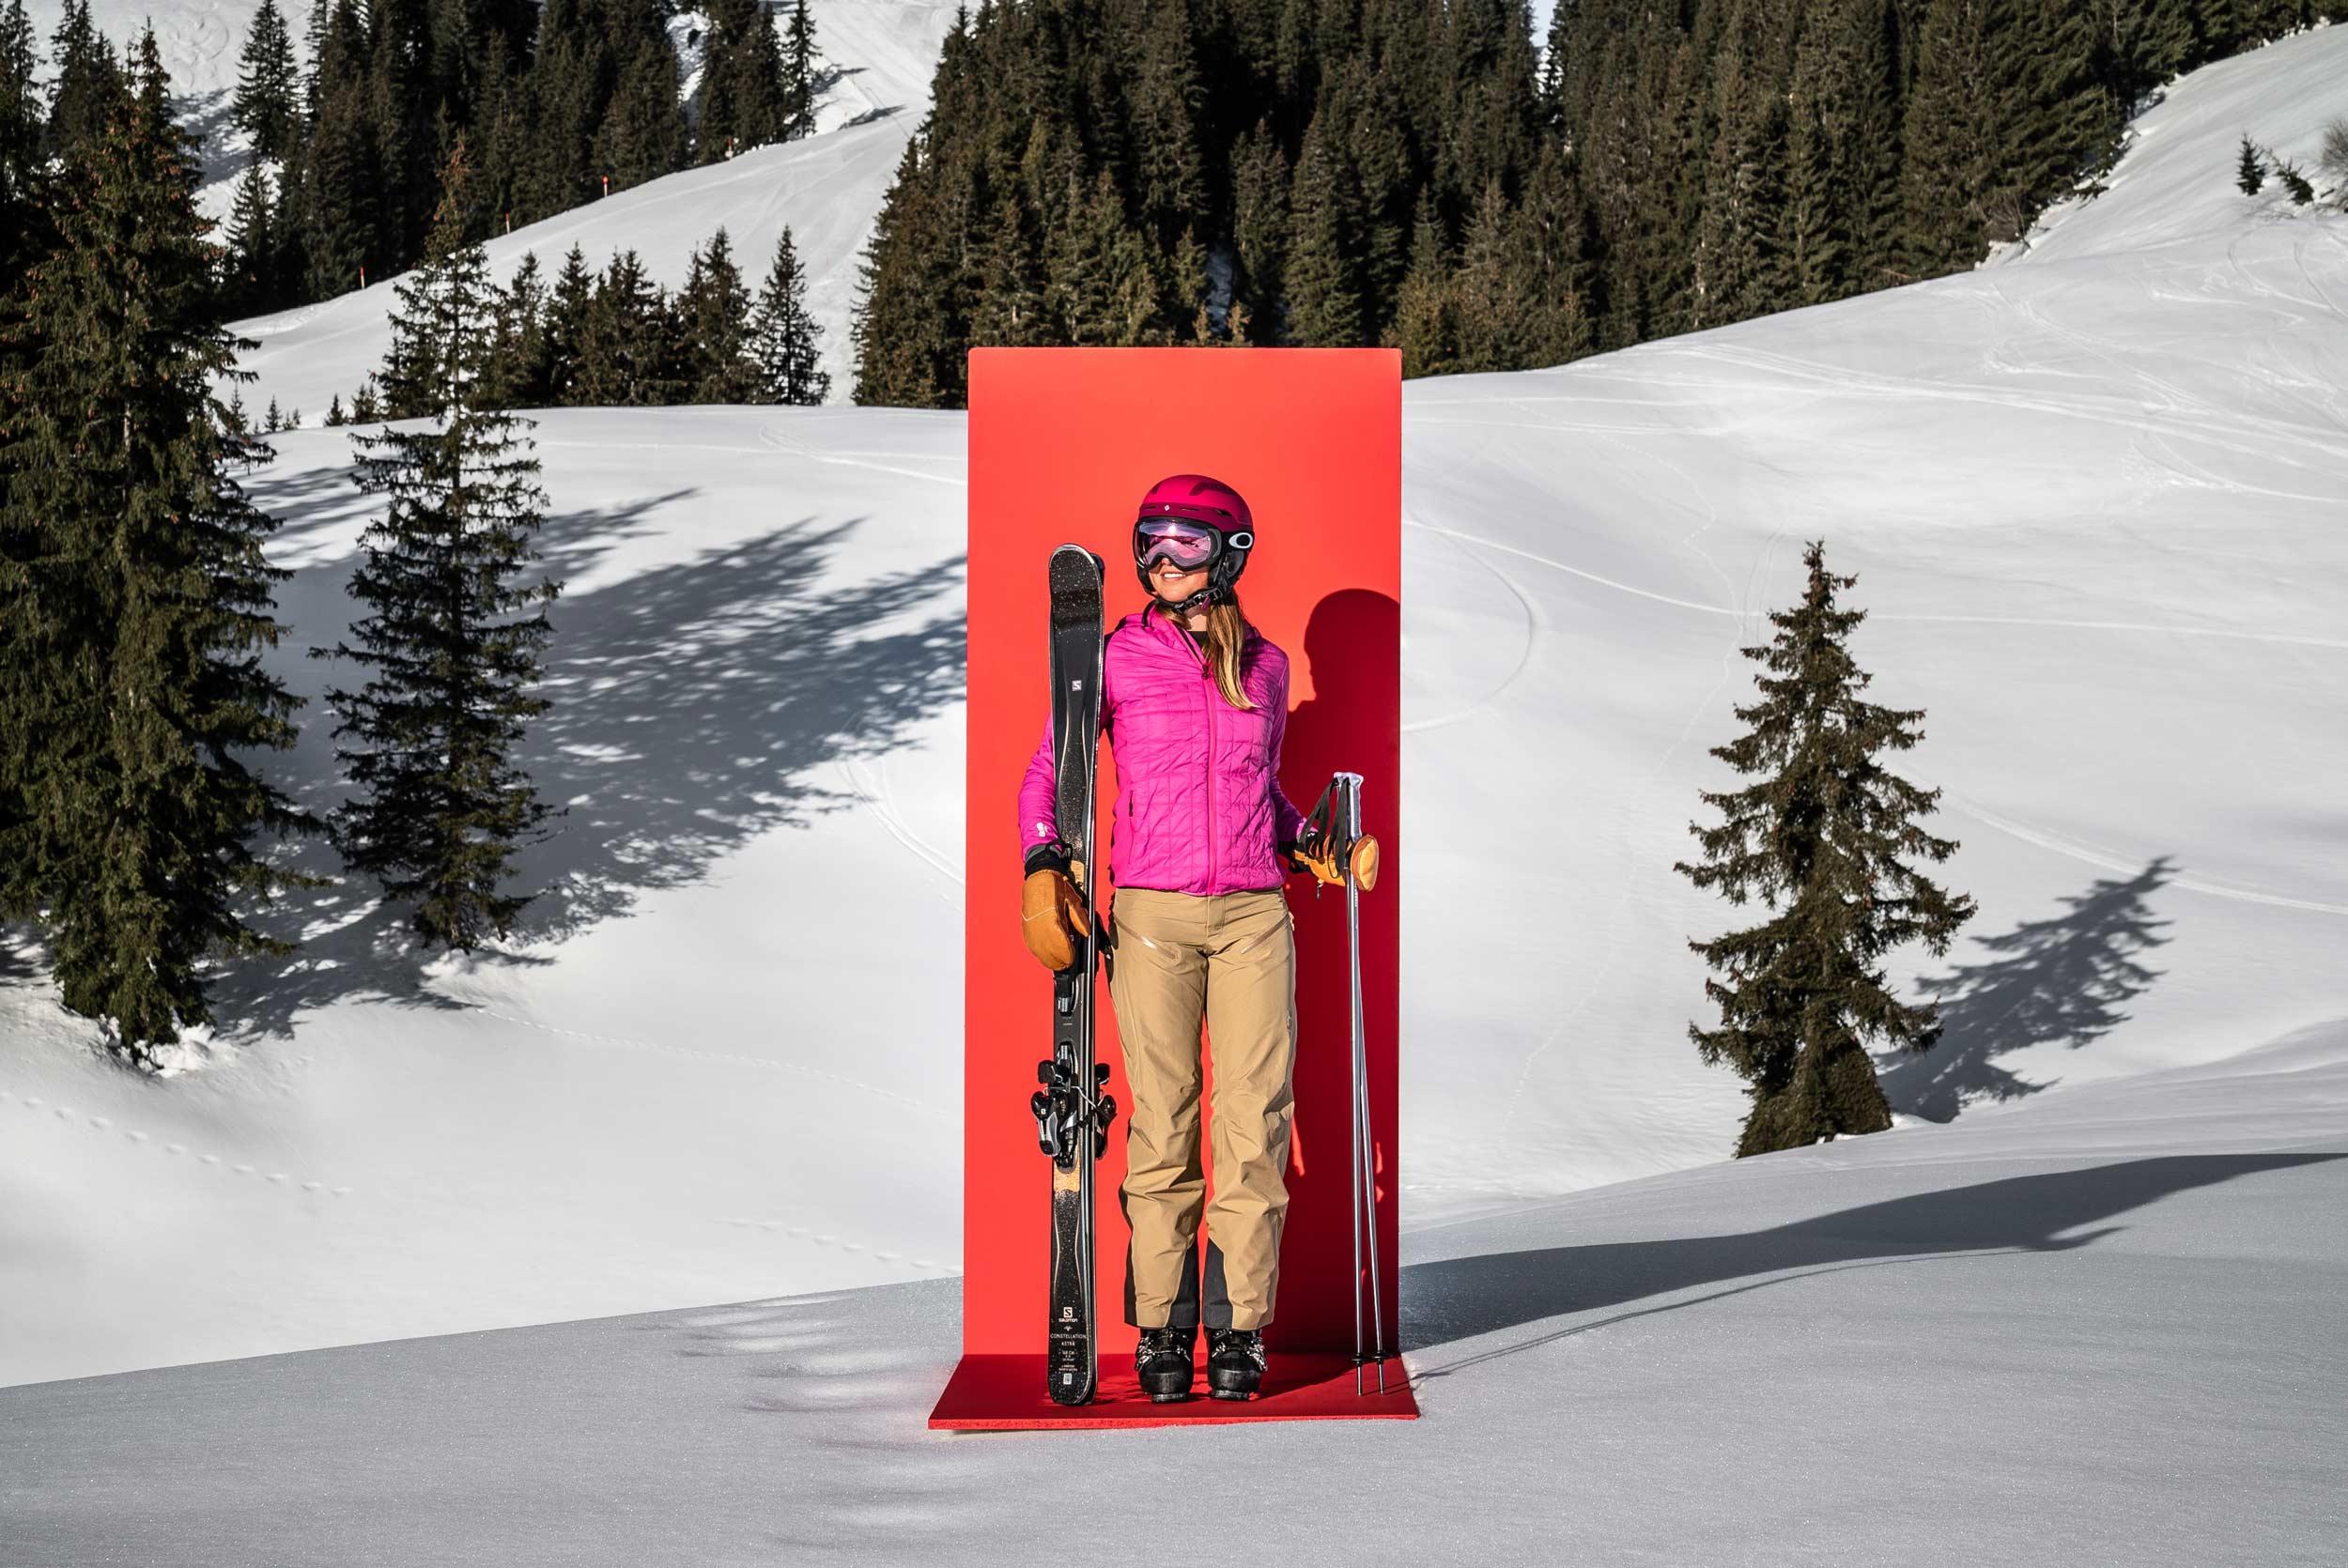 Eine Frau posiert stolz vor einer roten Tafel.